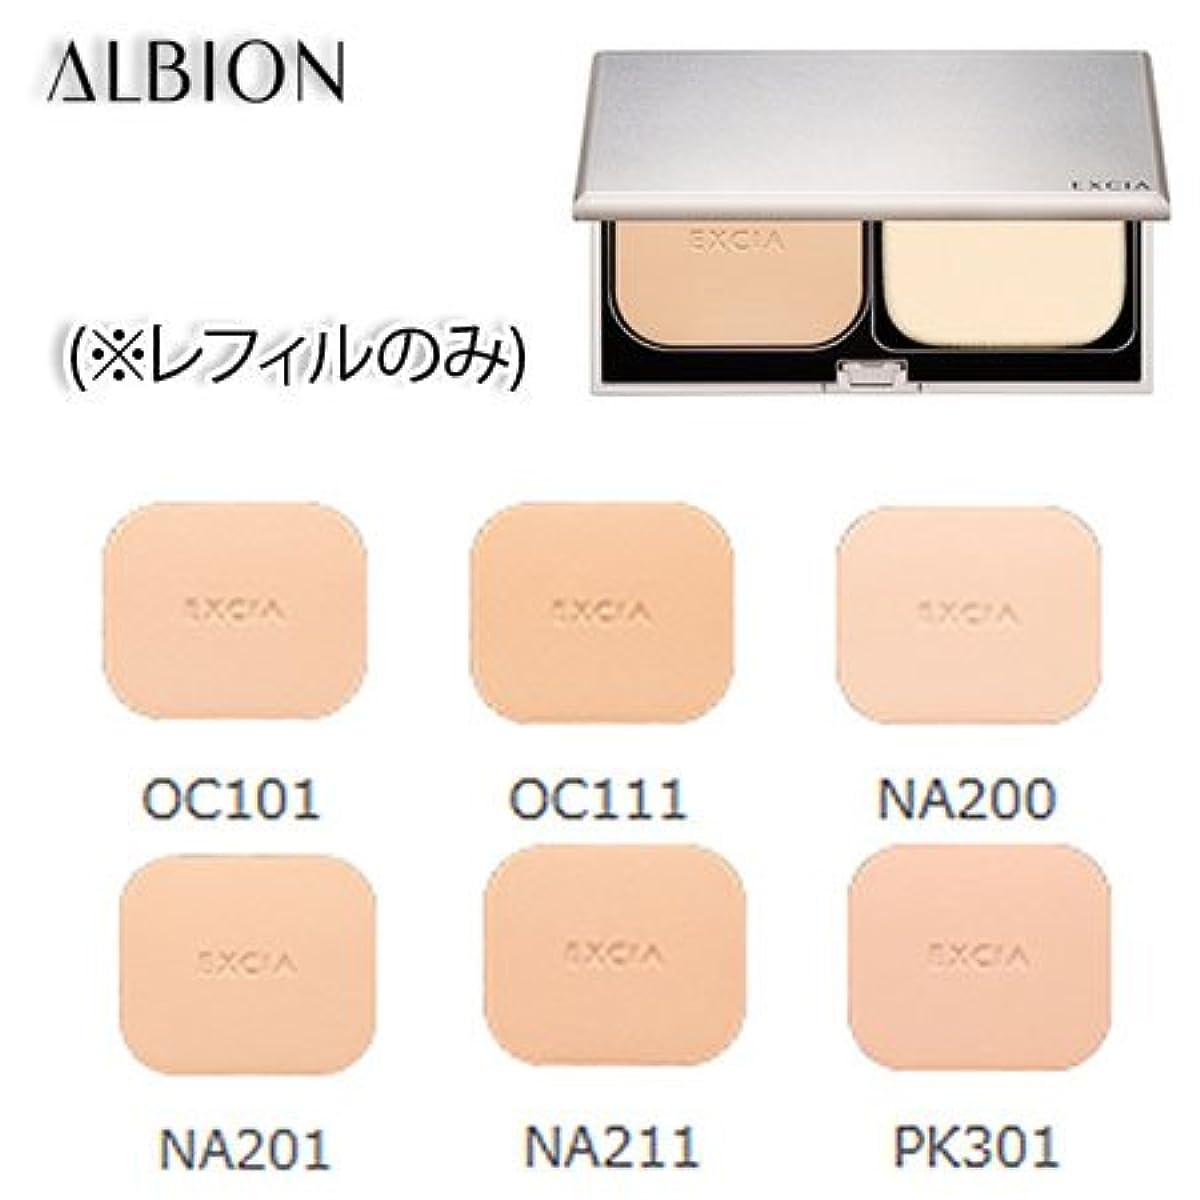 フィドル伴うログアルビオン エクシア AL ホワイトプレミアムパウダー ファンデーション SPF30 PA+++ 11g 6色 (レフィルのみ) -ALBION- PK301